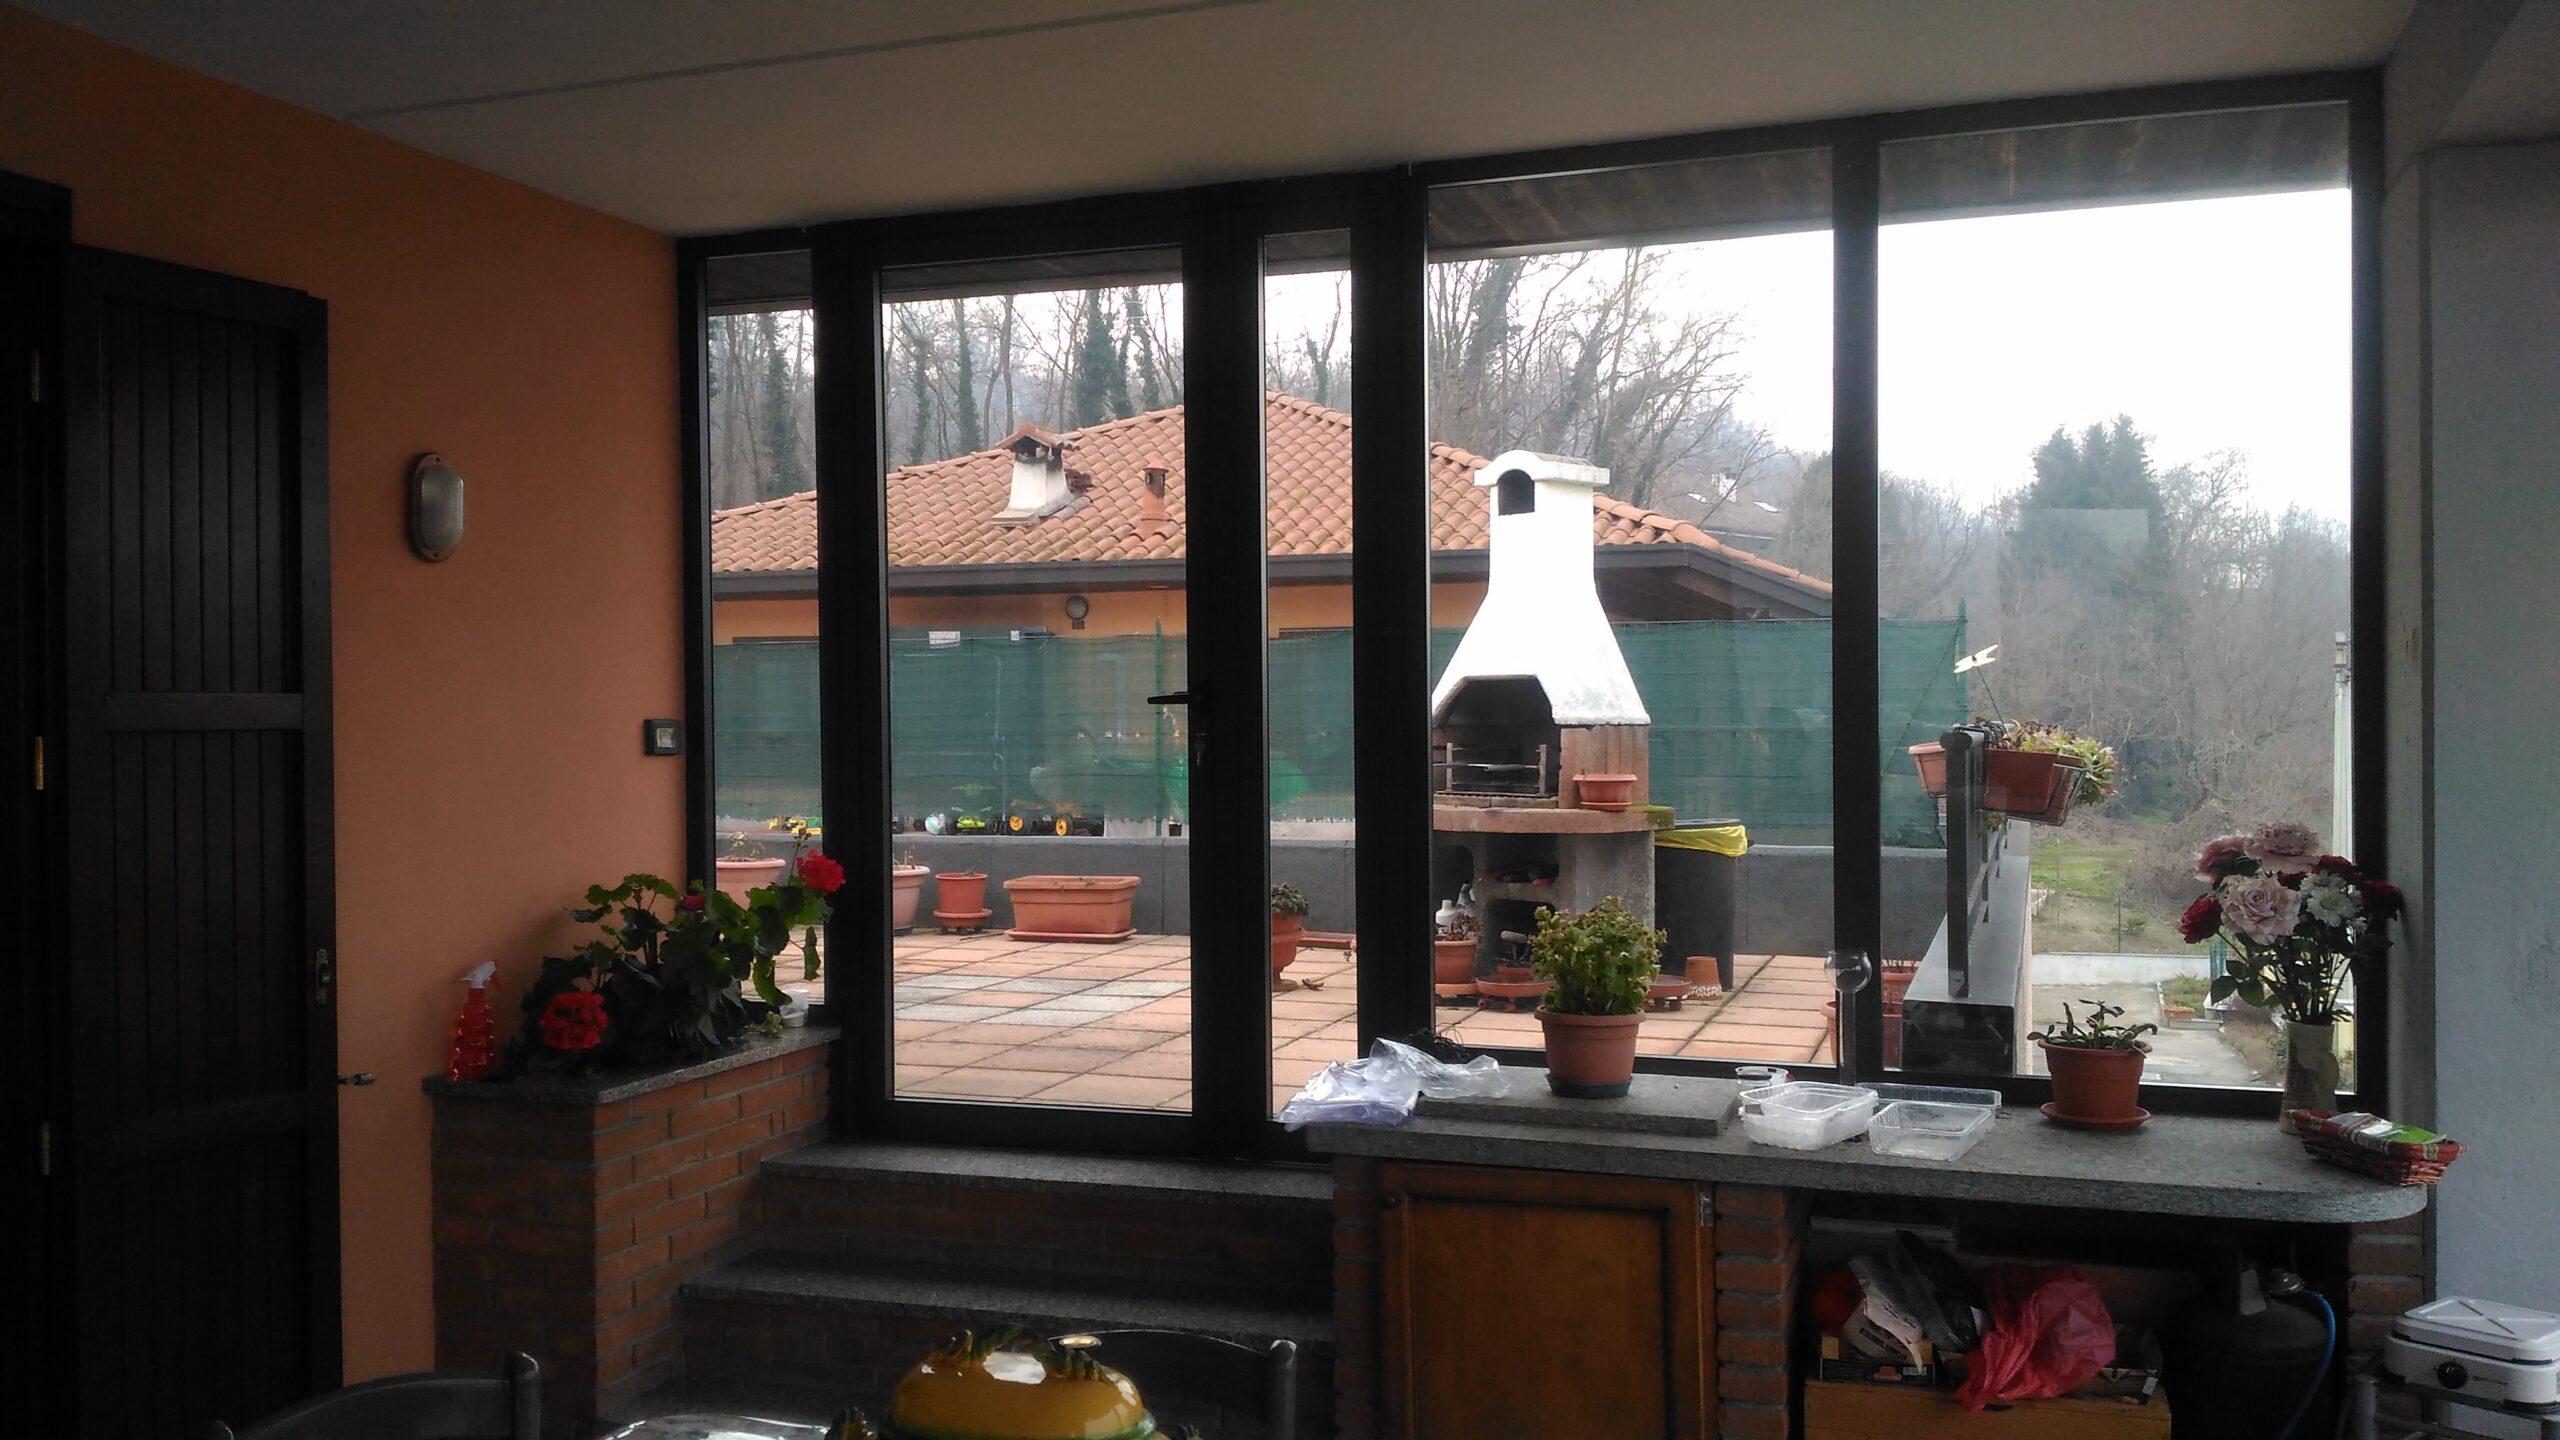 quadrilocale terrazzi box singolo ottime condizioni